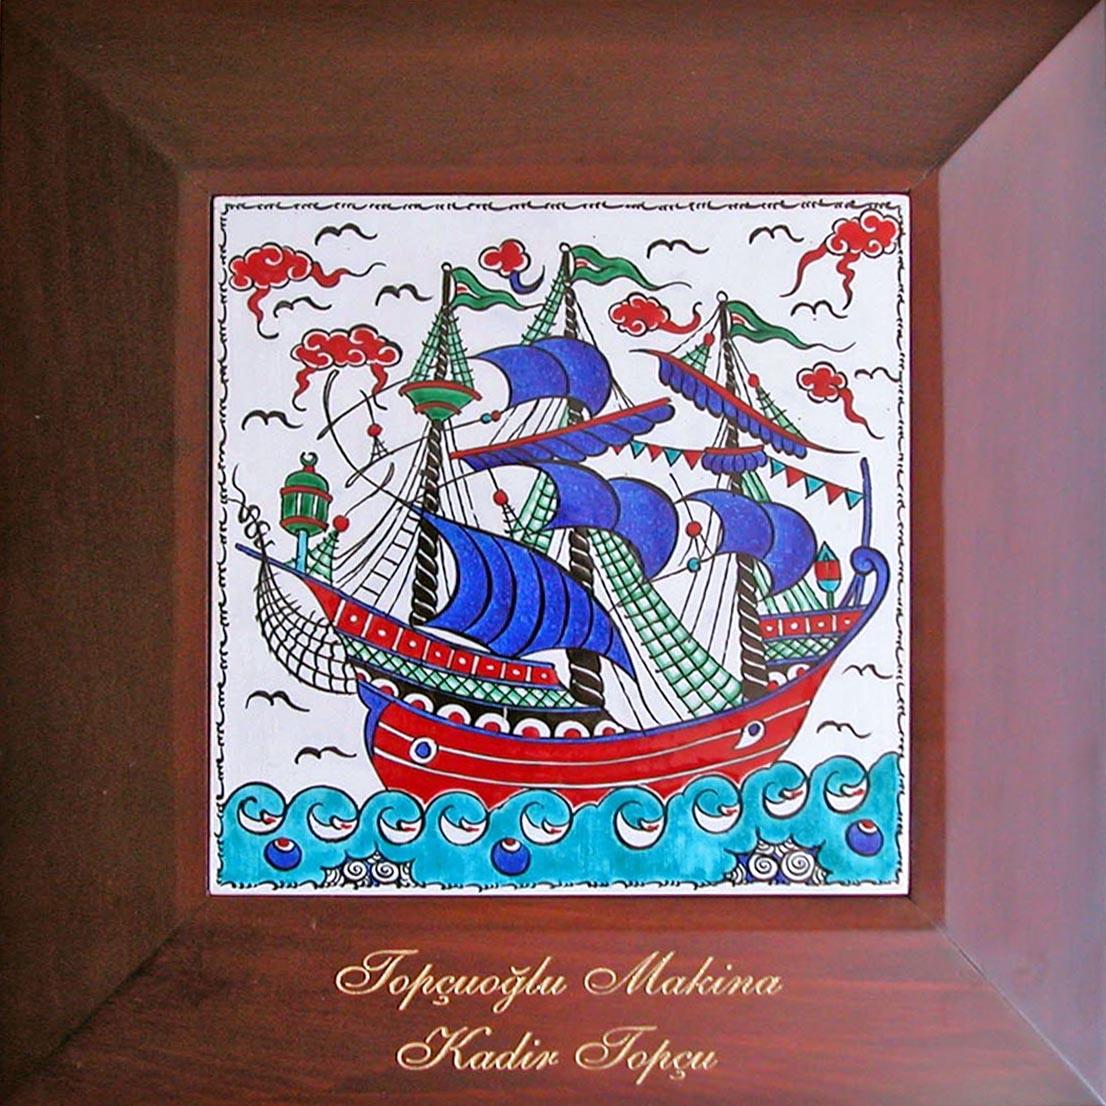 Osmanlı Kalyonlu Gemili Hediyelik Çerçeveli Kutulu  Çini Panolar Osmanlı Tabloları